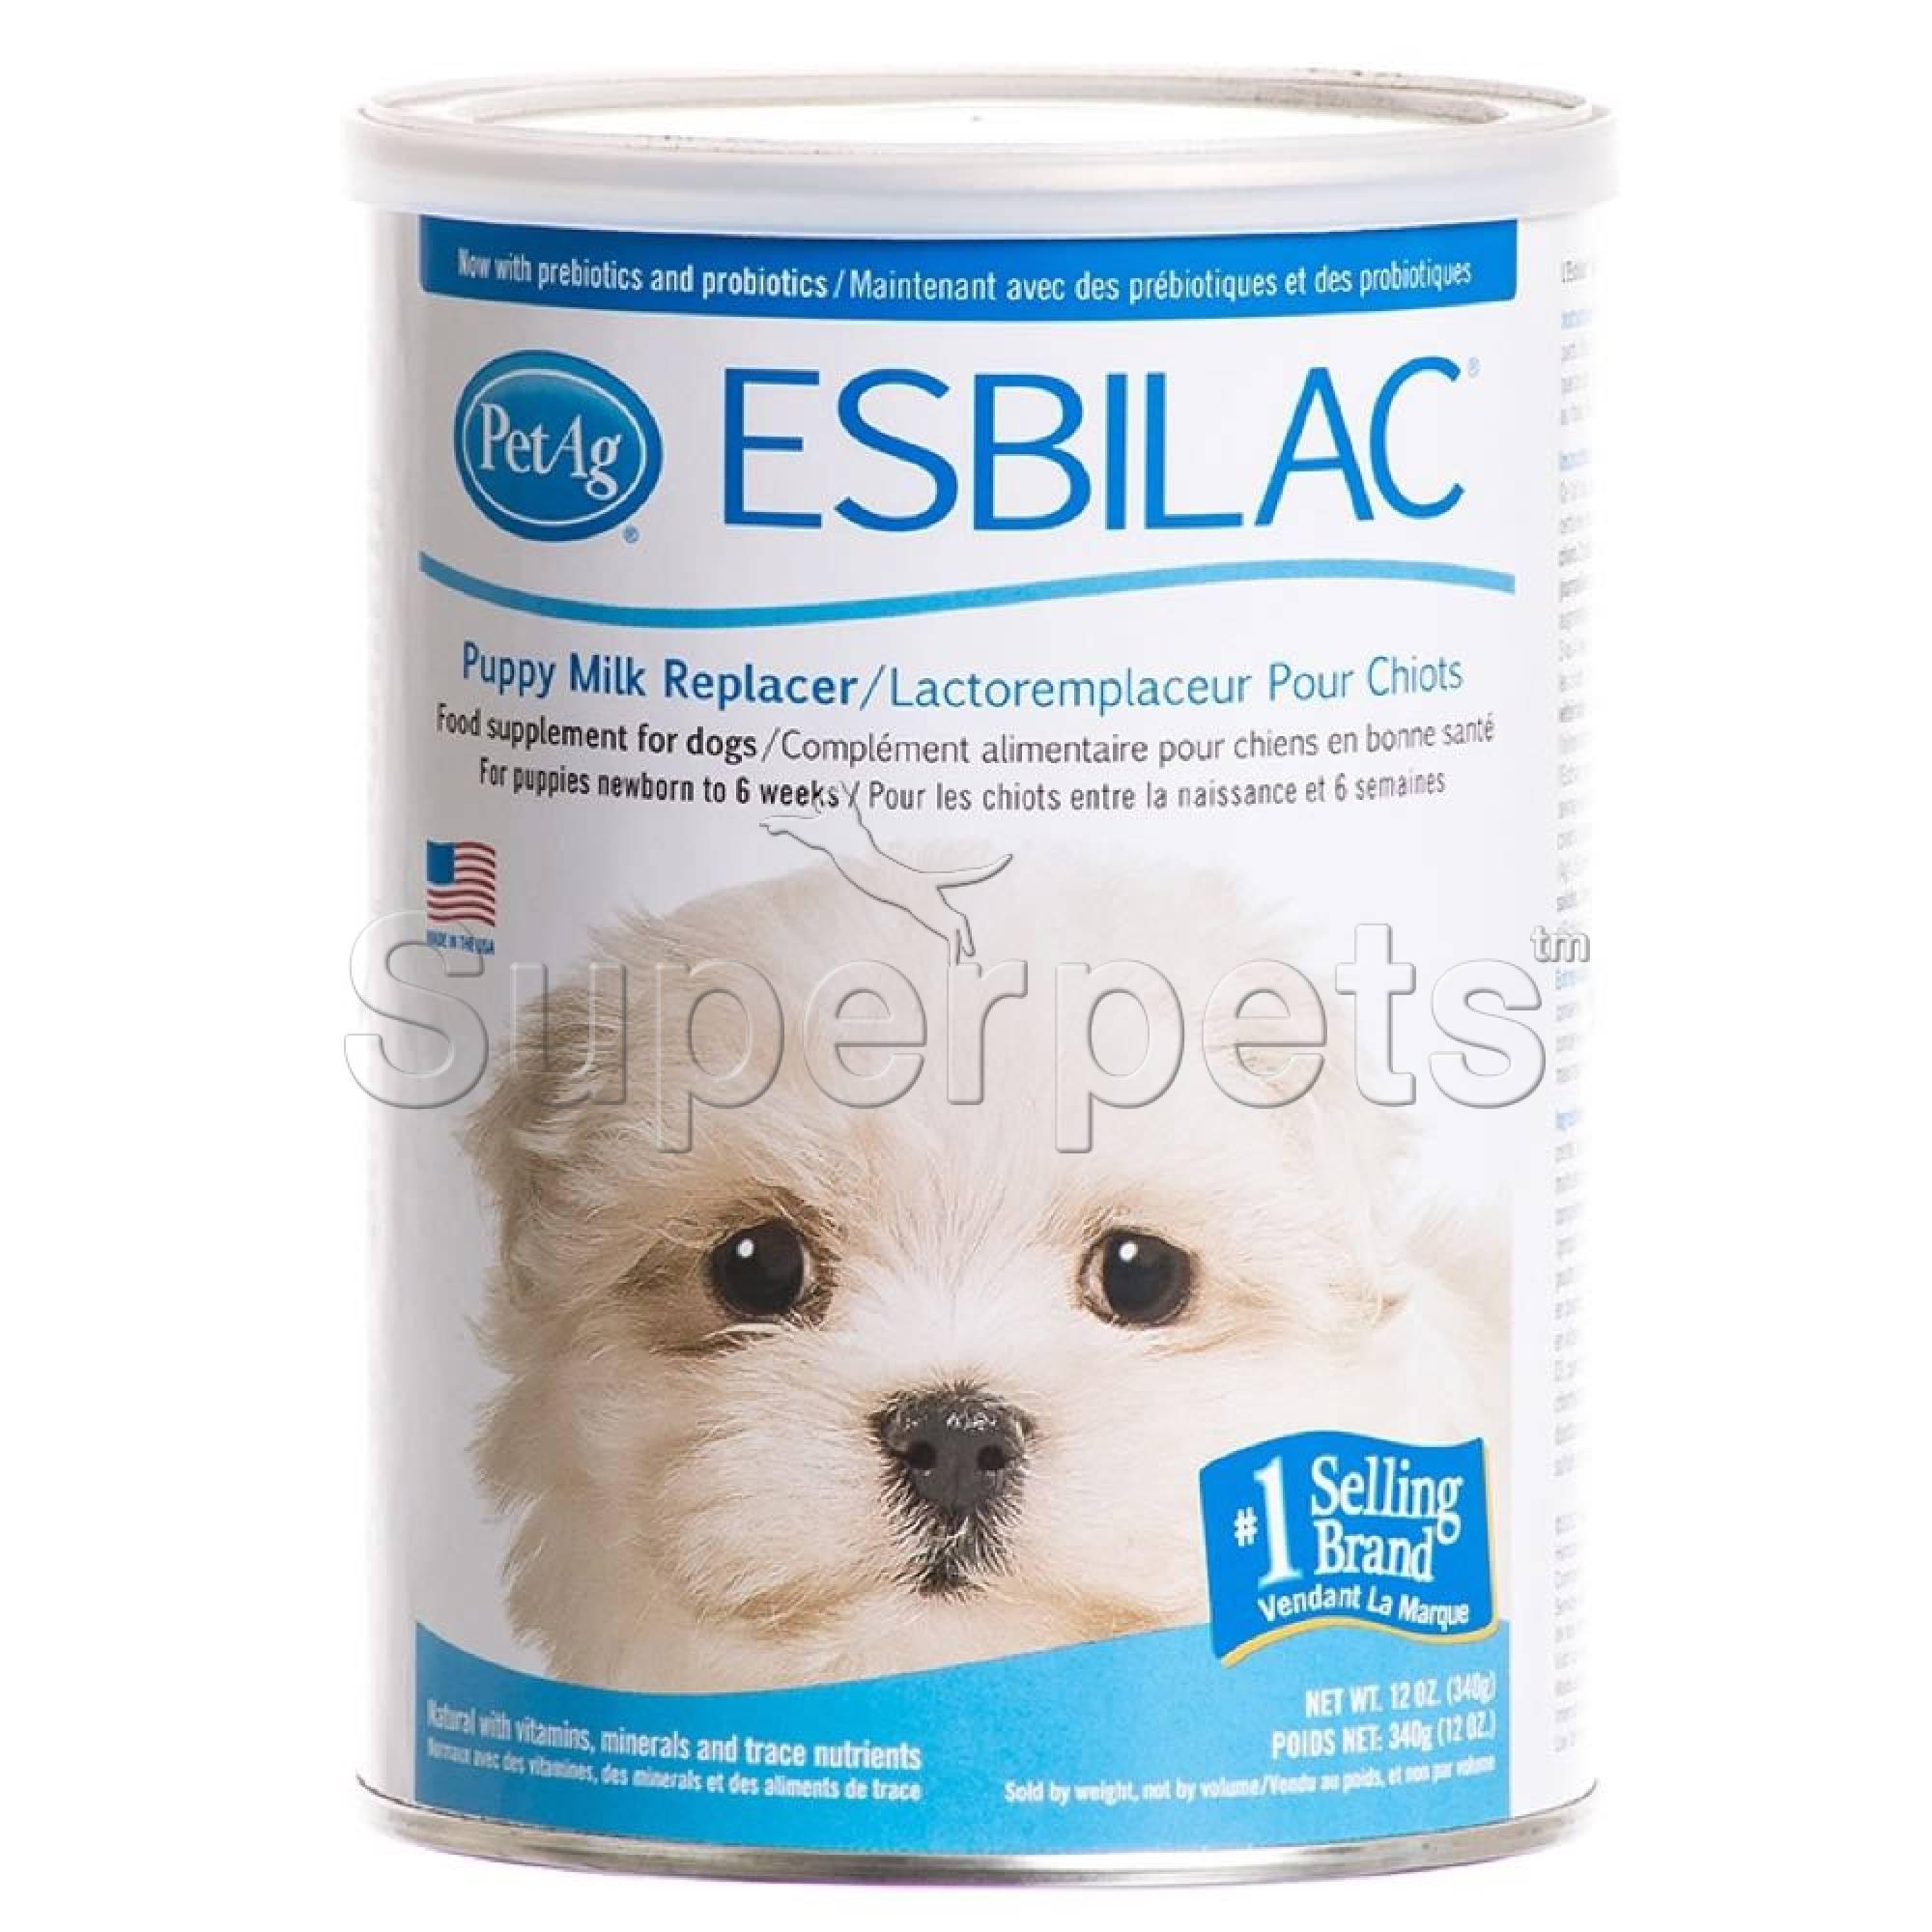 PetAg Esbilac Milk Powder for Dogs 12oz (340g)